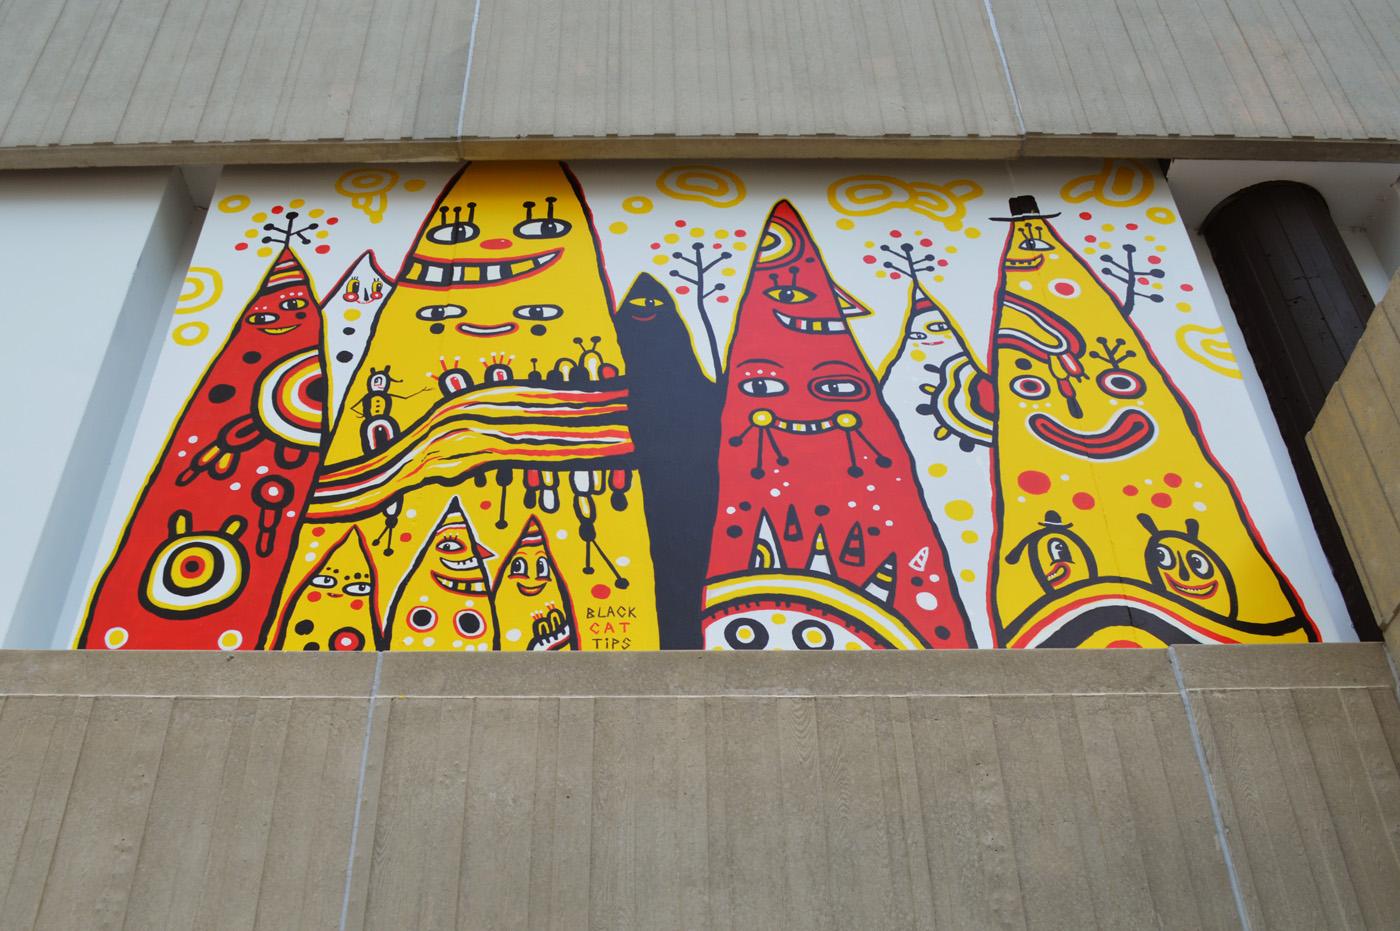 colony square mural - blackcattips - 97